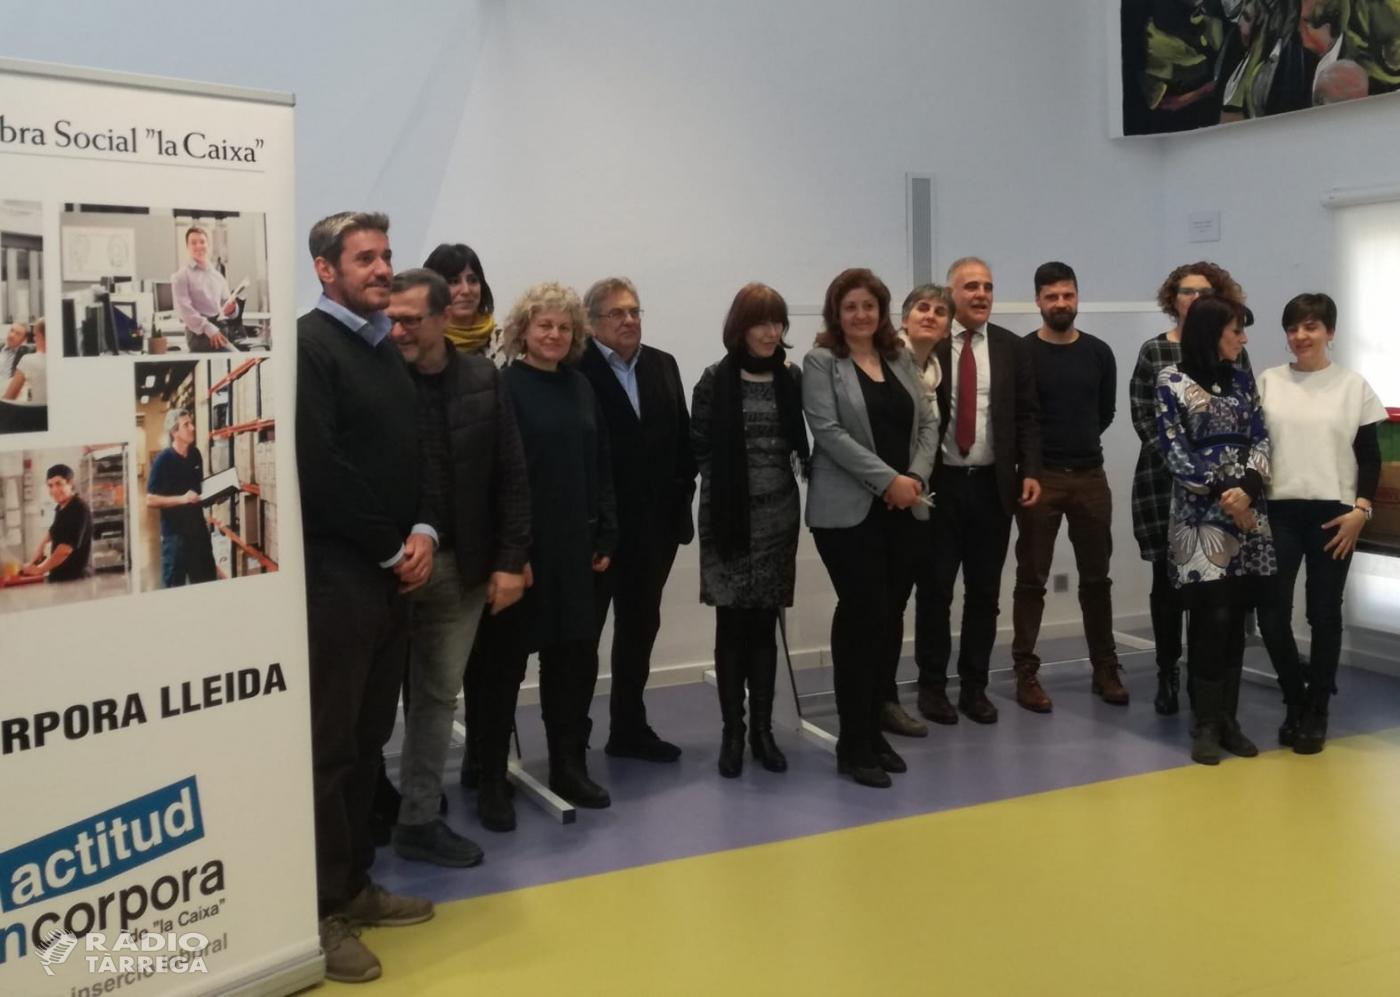 Més de 842 nous llocs de treball gràcies al programa d'inserció sociolaboral Incorpora de 'la Caixa' a Lleida